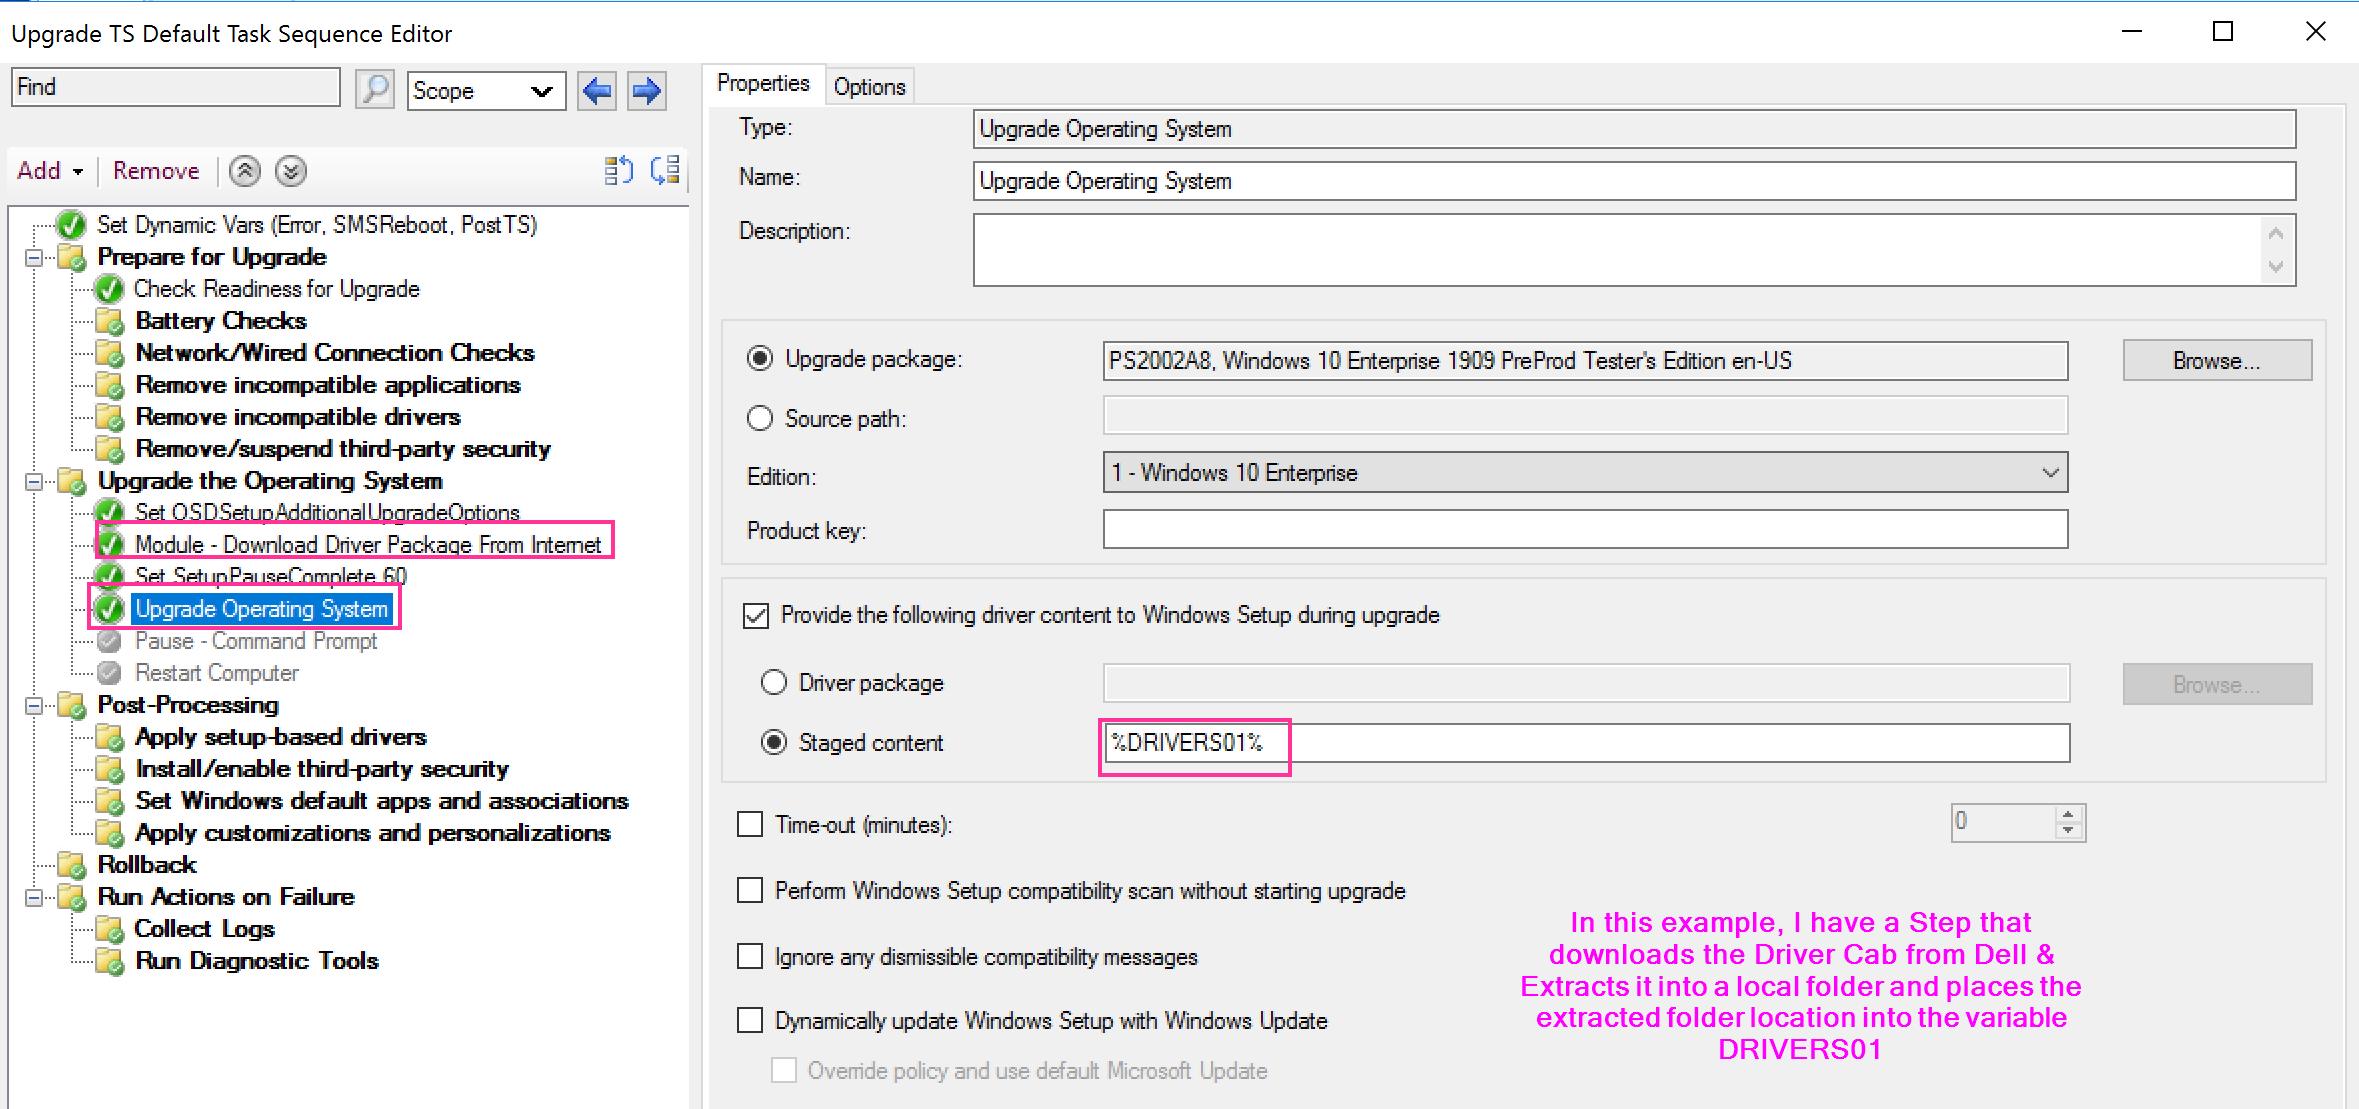 Upgrade OS Image32